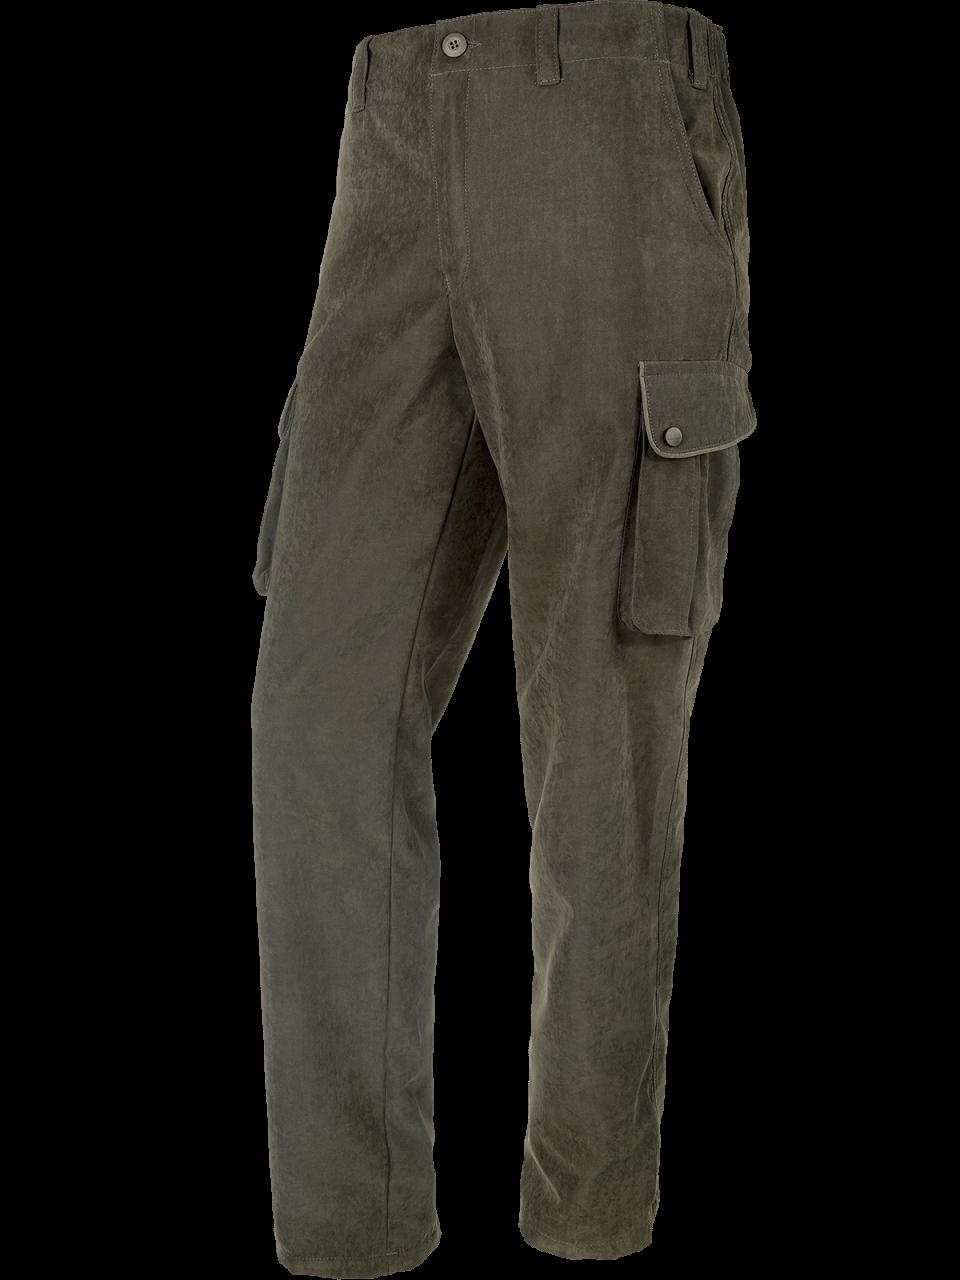 nepremokavé nohavice Horton exclusive outdoorové oblečenie pred